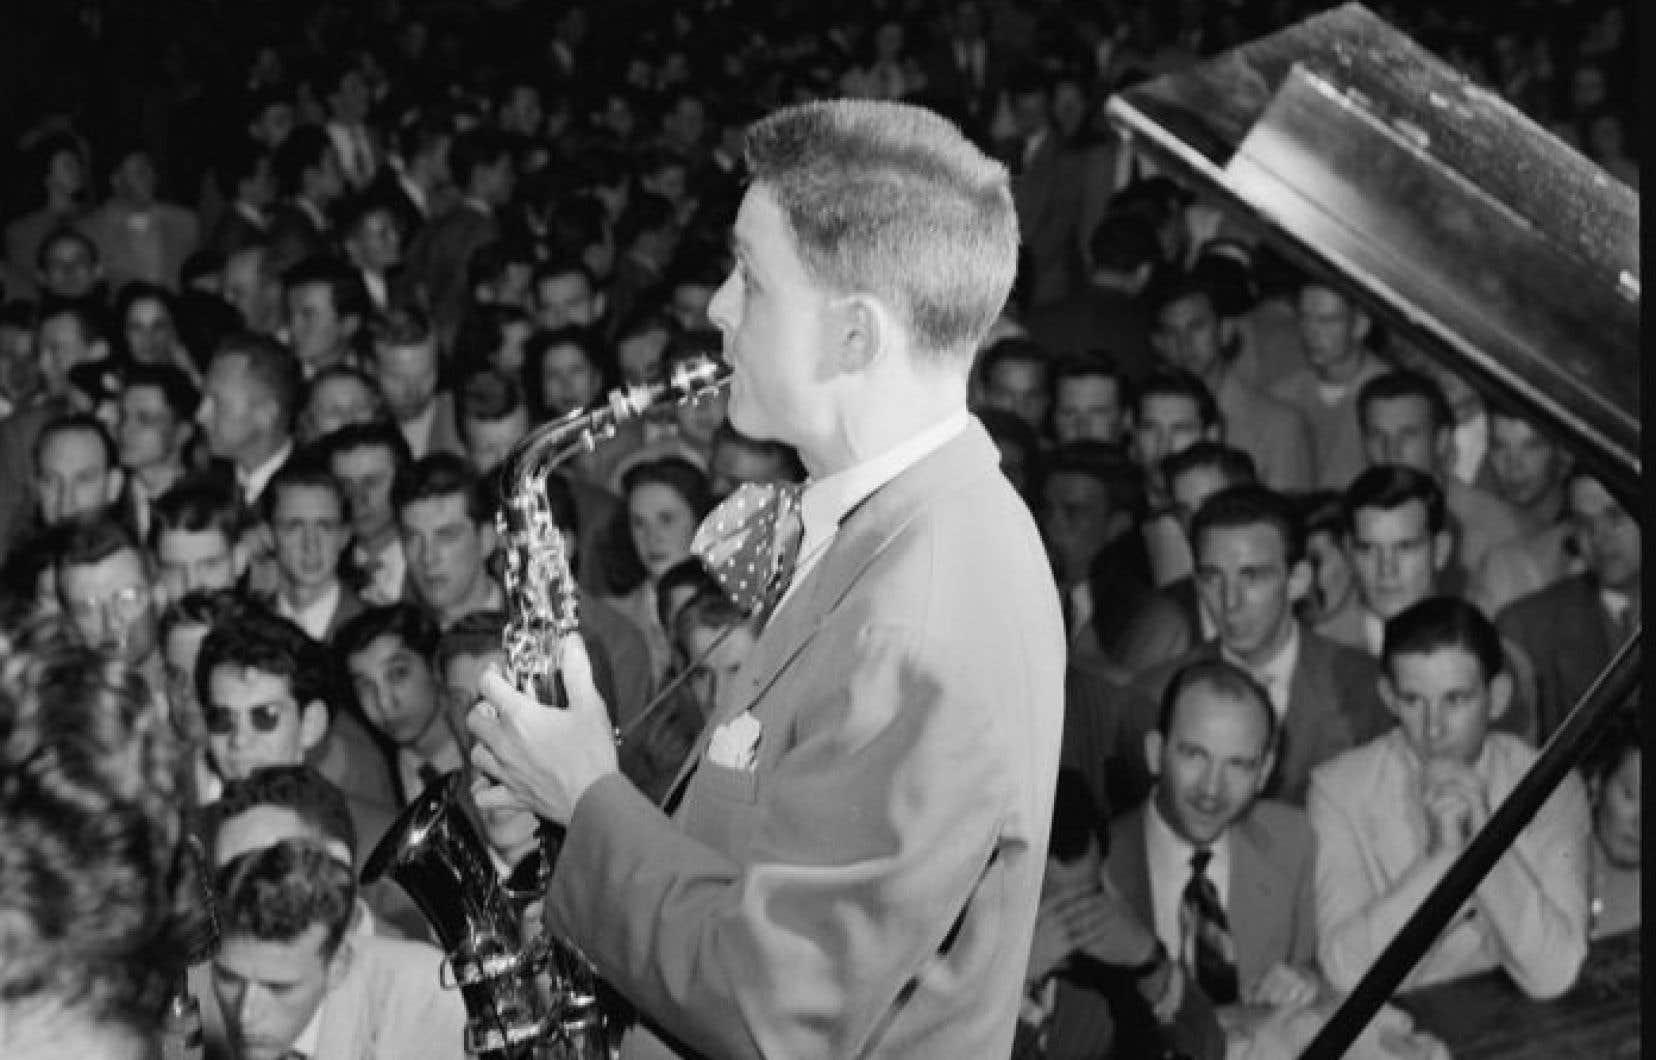 Art Pepper en spectacle à la fin des années 1940